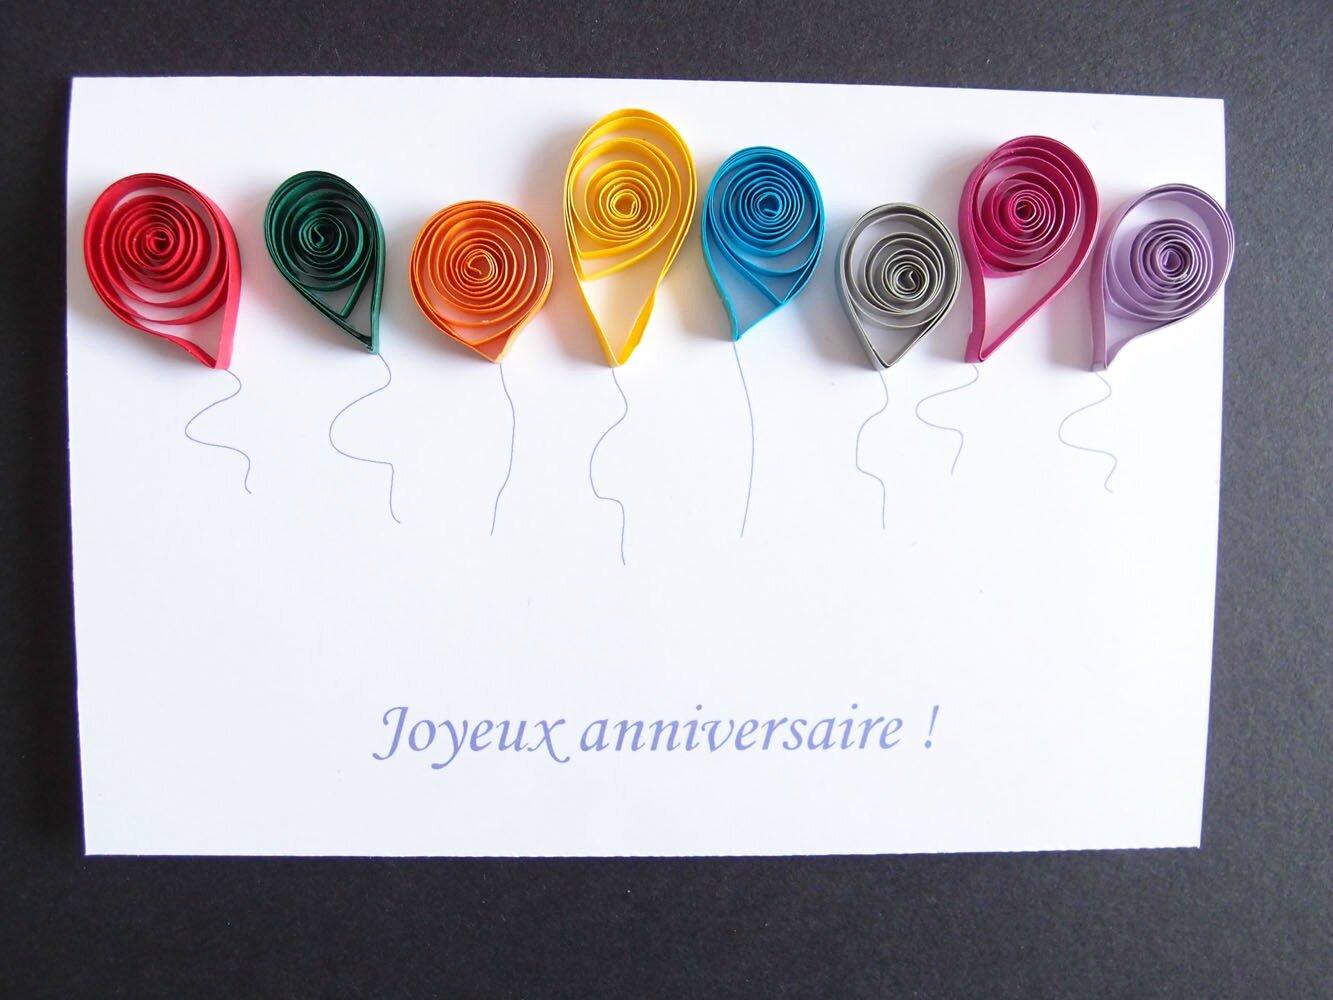 Carte Danniversaire Ballons En Quilling Le Blog De Lamélo